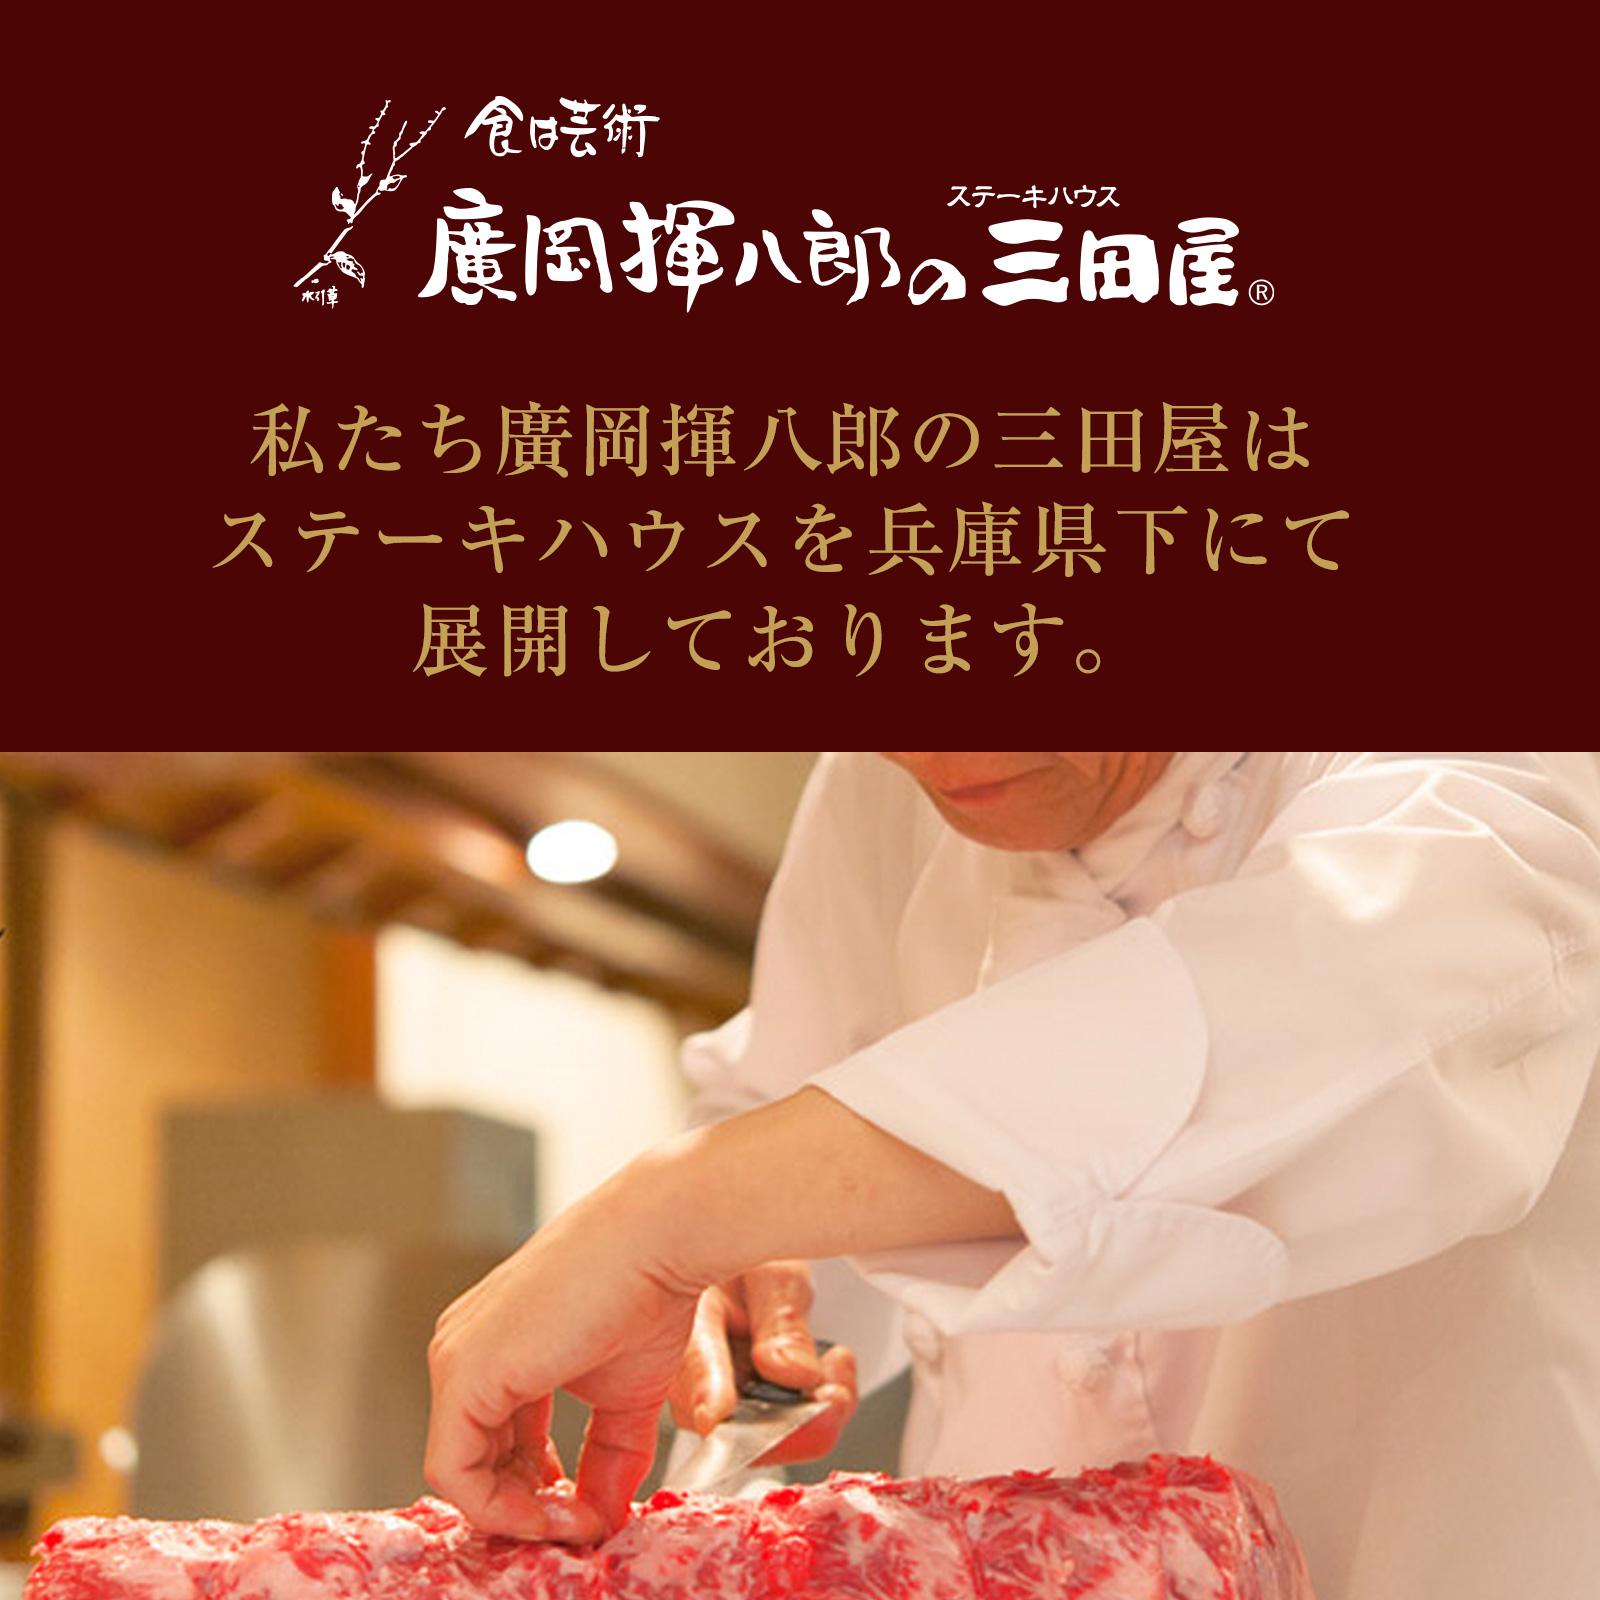 【冷蔵】ブロック ハム 2個 の ギフト セット(KG-48)